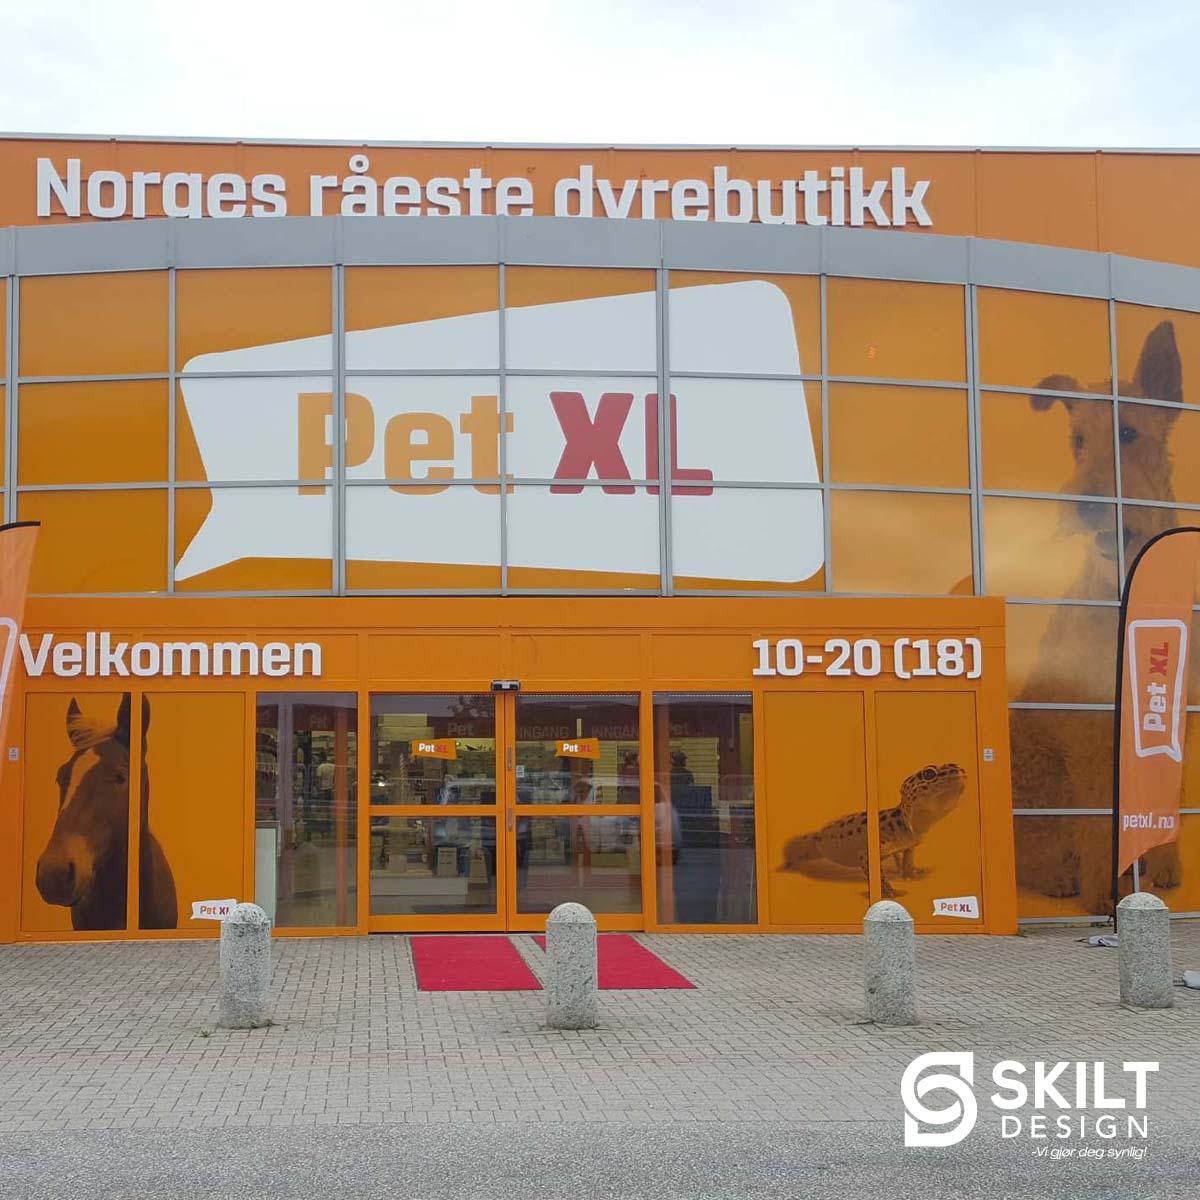 PetXL IG